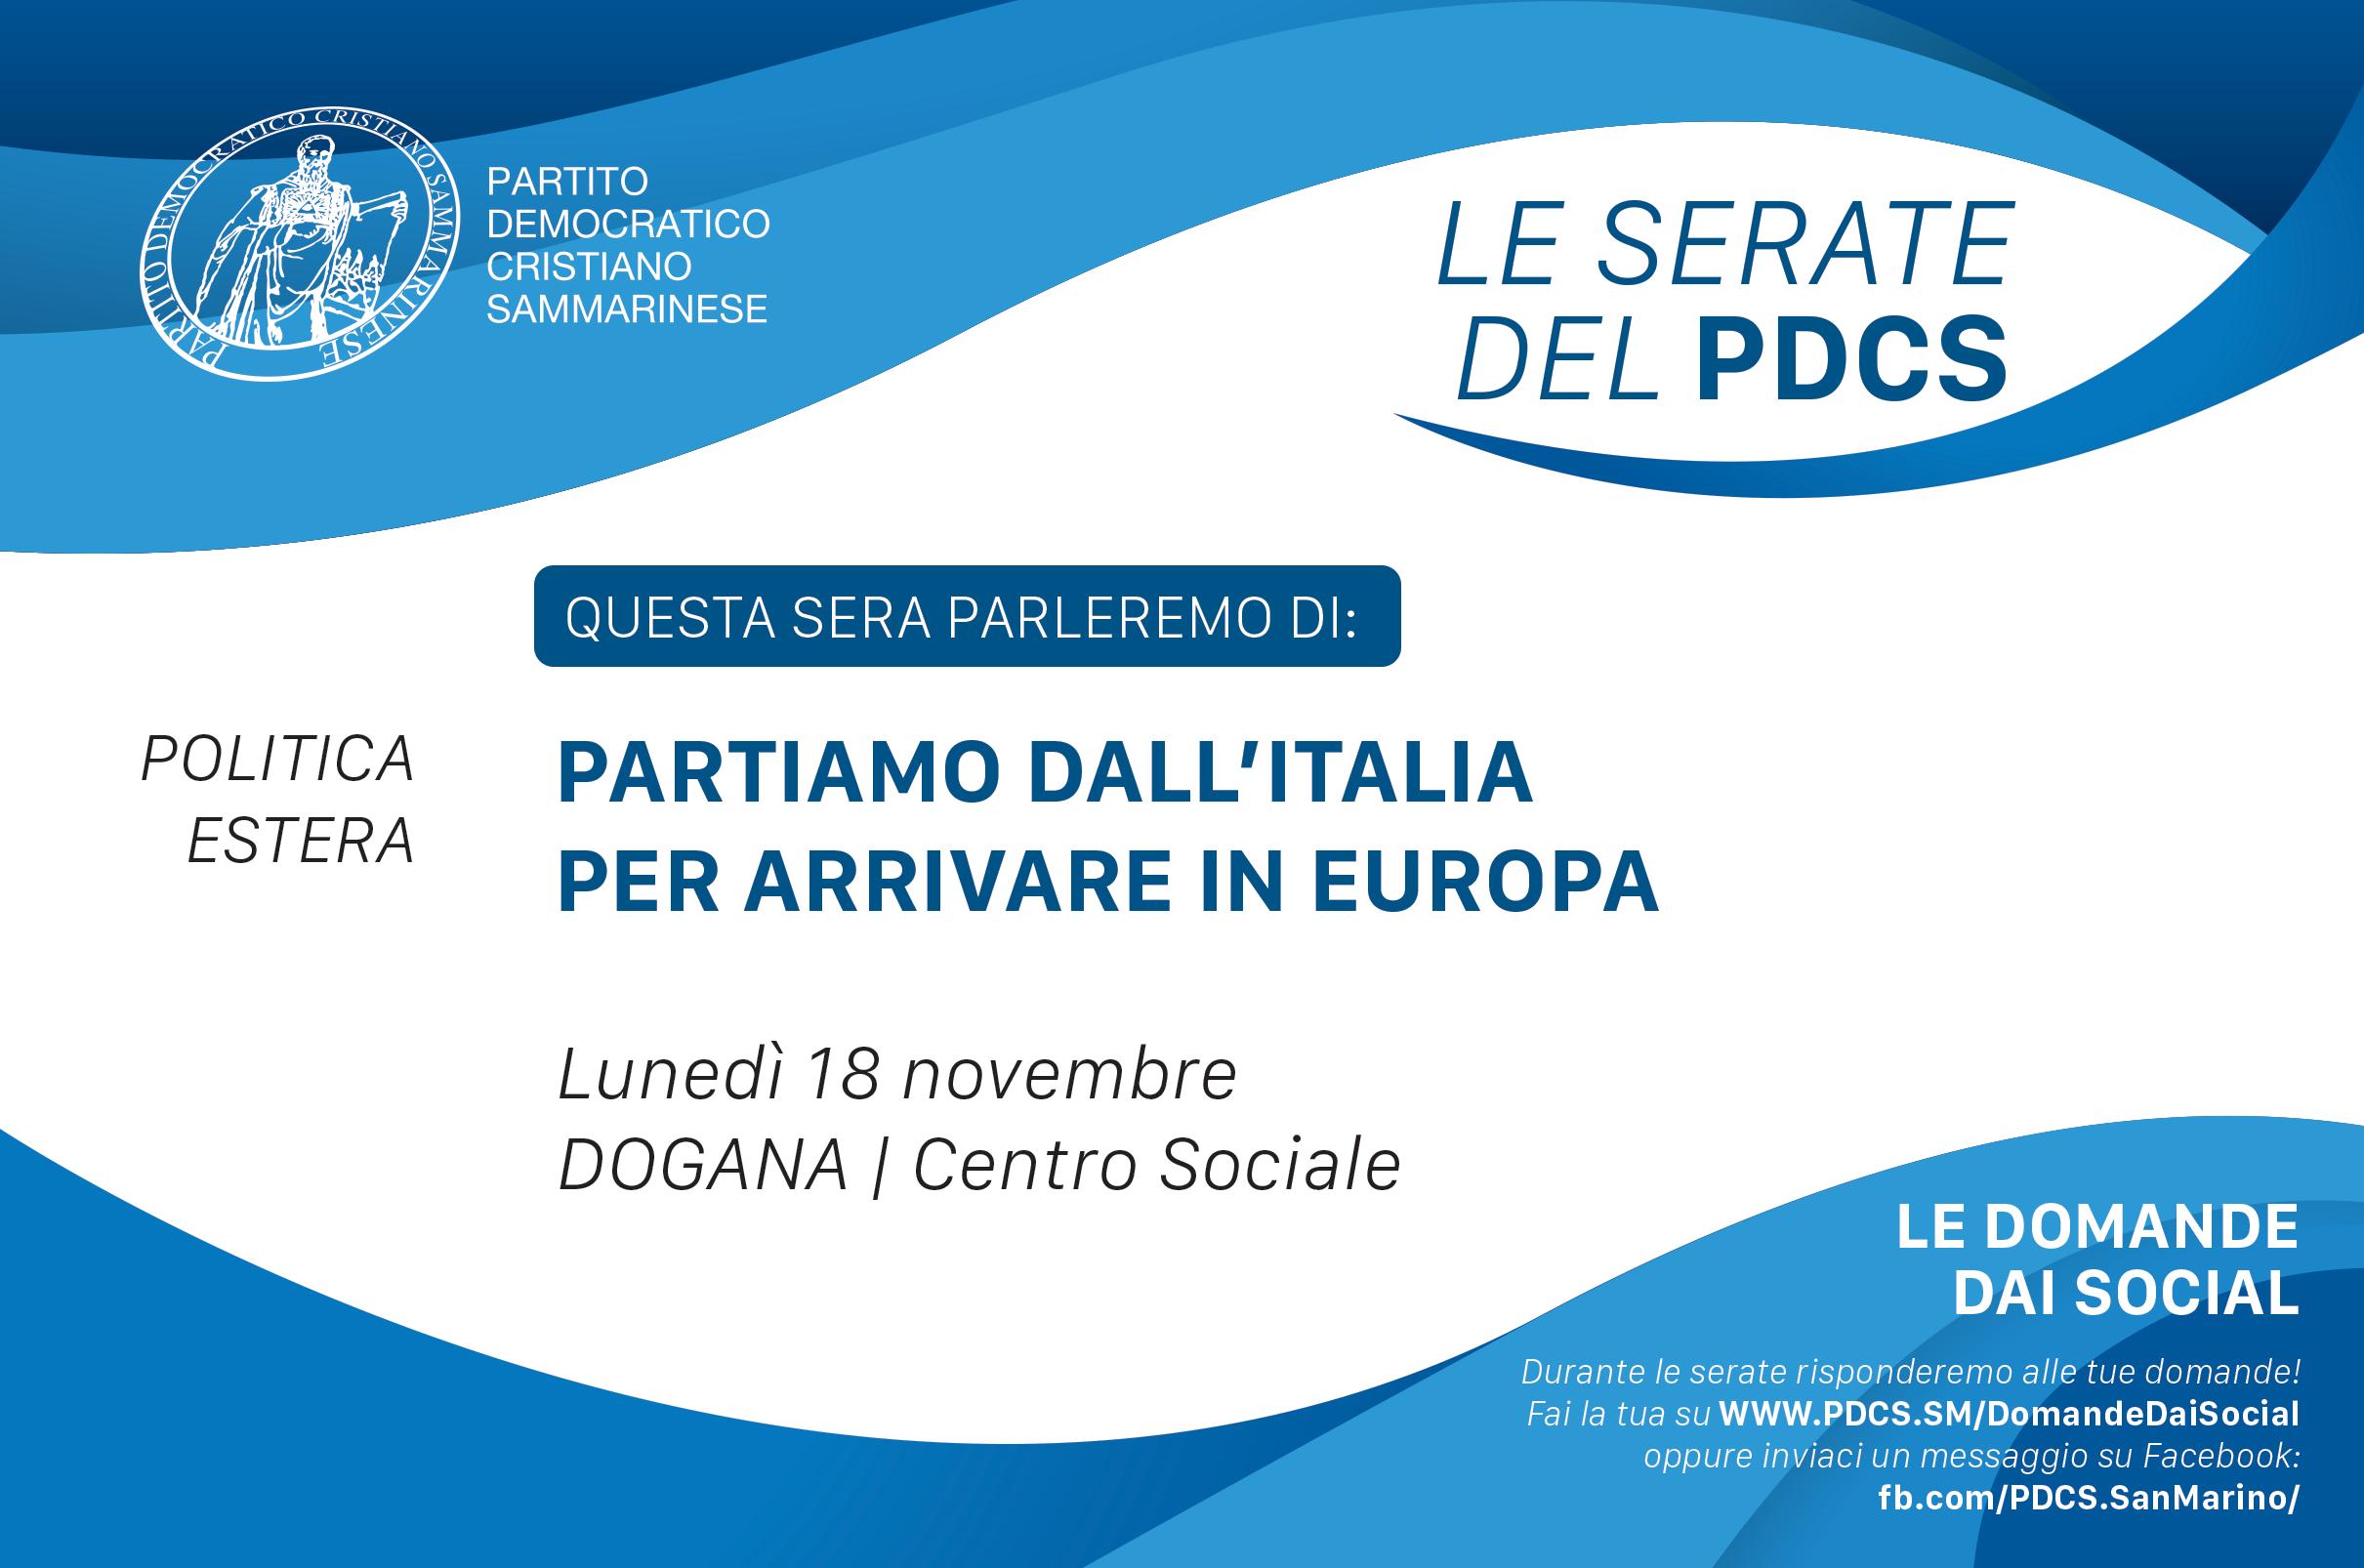 18 Novembre a Dogana: PARTIAMO DALL'ITALIA PER ARRIVARE IN EUROPA